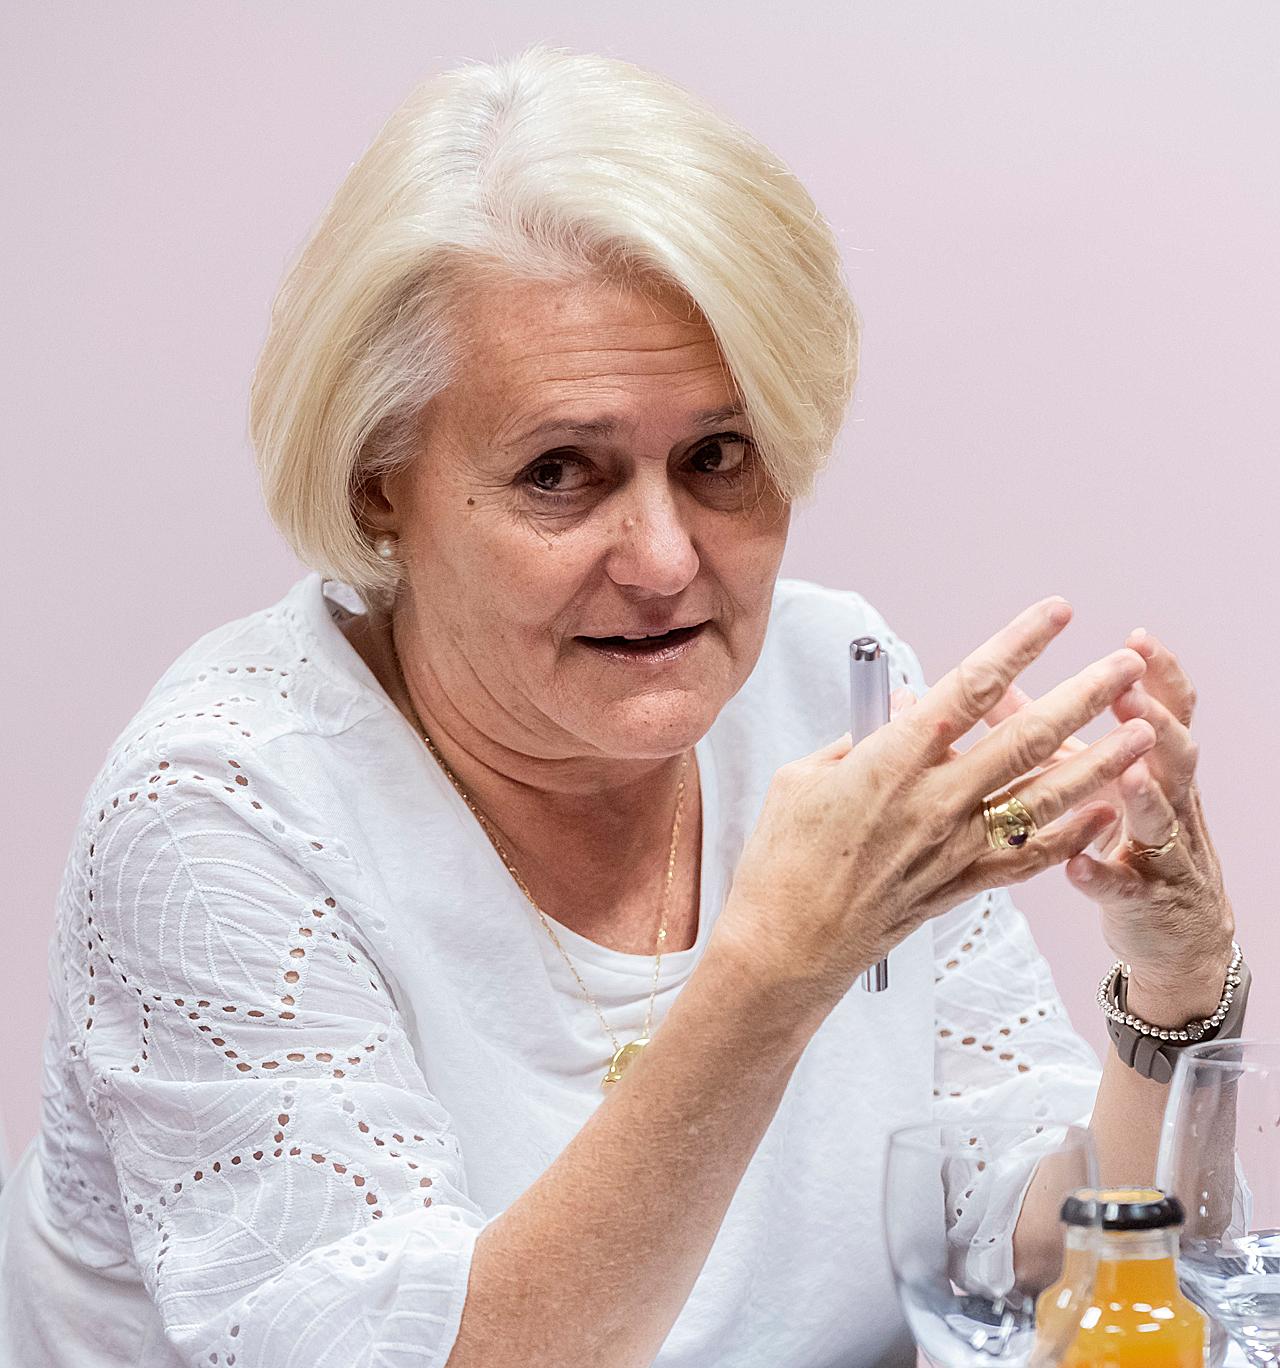 Julia Álvarez, jefe de la Sección de Endocrinolog�a y Nutrición Cl�nica del Hospital Universitario Pr�ncipe de Asturias, de Alcalá de Henares (Madrid).